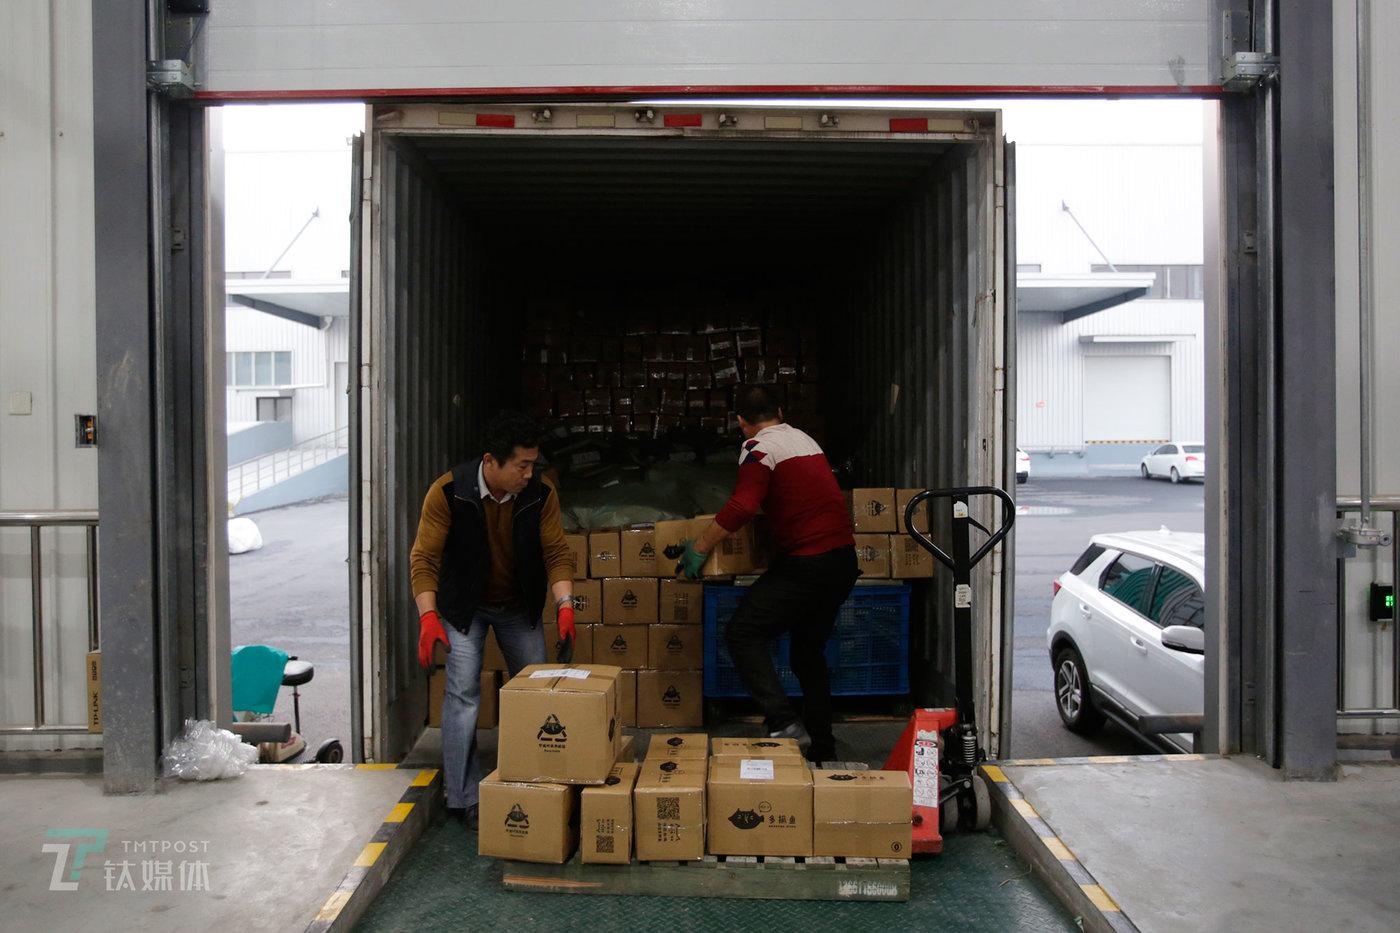 """即将被送往全国各地的二手书包裹,正被装上货运车。多抓鱼上线一年半,收购二手书130万本,卖出100万本。2018年国庆假期,多抓鱼地下书店也对外营业。""""不久我们就会对工厂进行自动化改造。""""一名负责人介绍,到时候会邀请用户到我们工厂来亲自体验二手书的翻新之旅。(陈拯 摄)(图文/孙林徽 编辑/陈拯 视频/Tolocam)"""